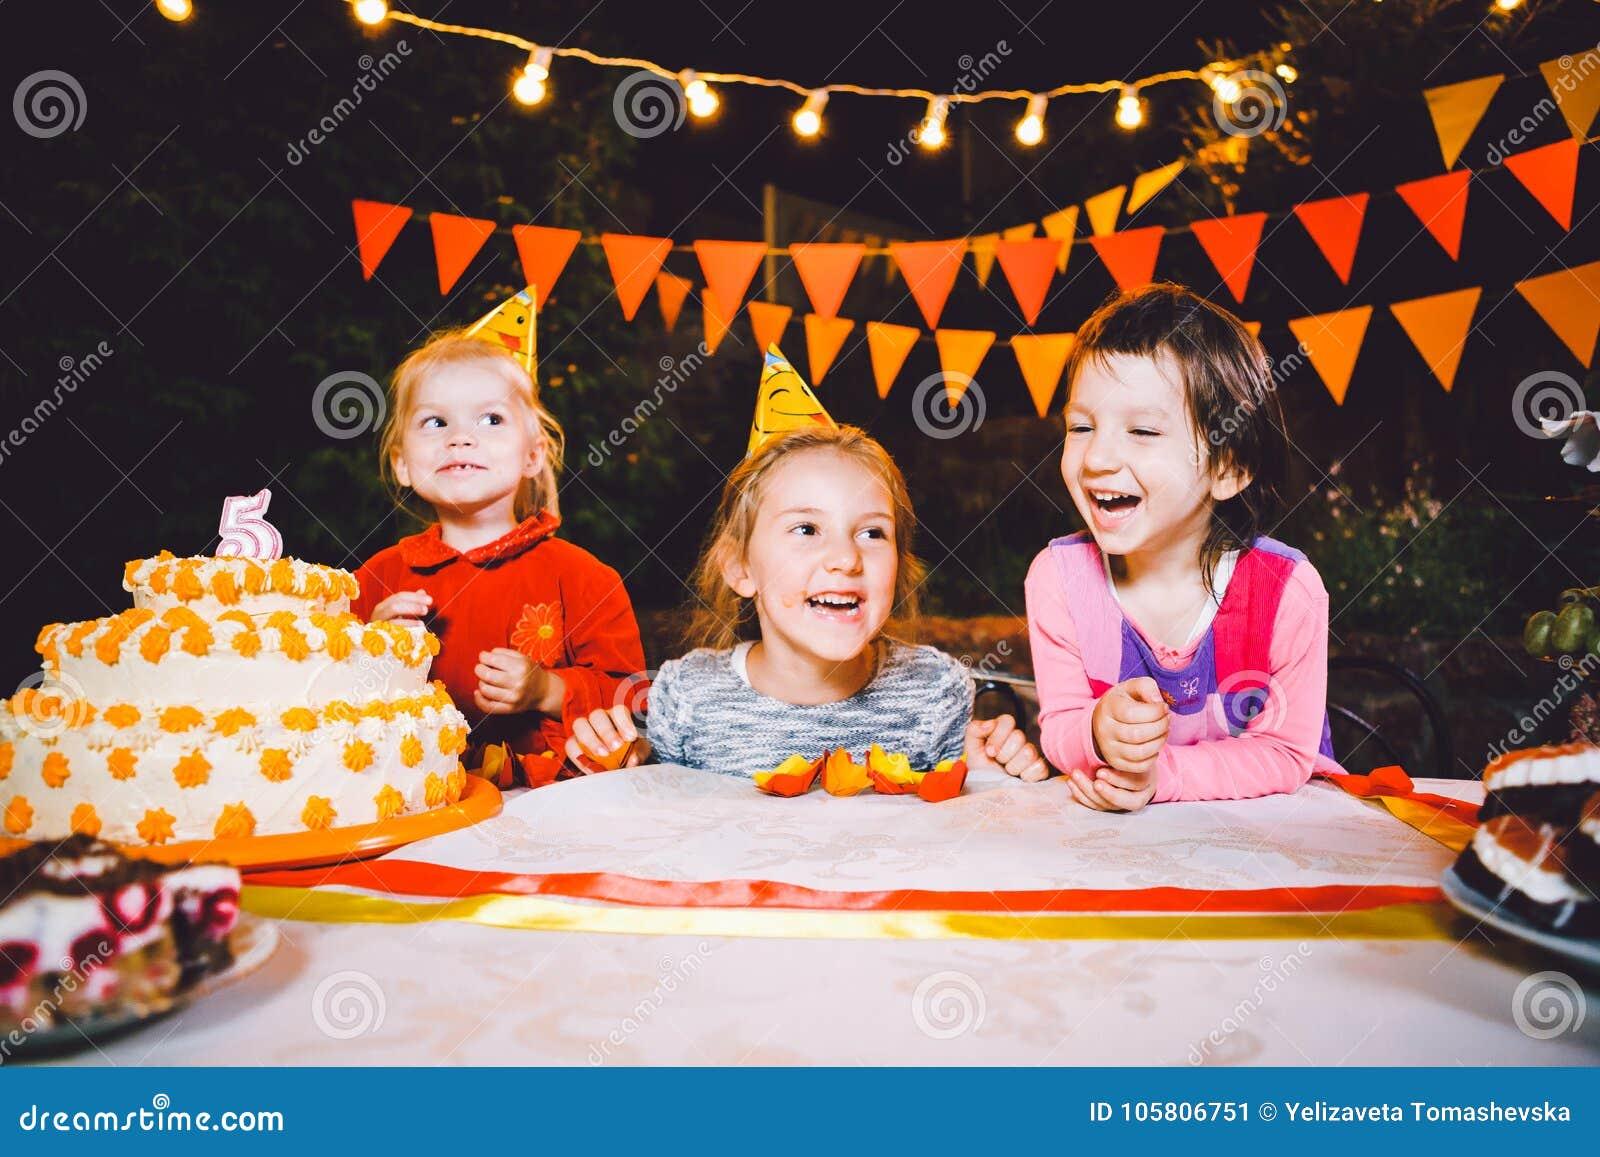 儿童` s生日聚会 在桌上吃蛋糕用他们的手和抹上他们的面孔的三个快乐的儿童女孩 乐趣a